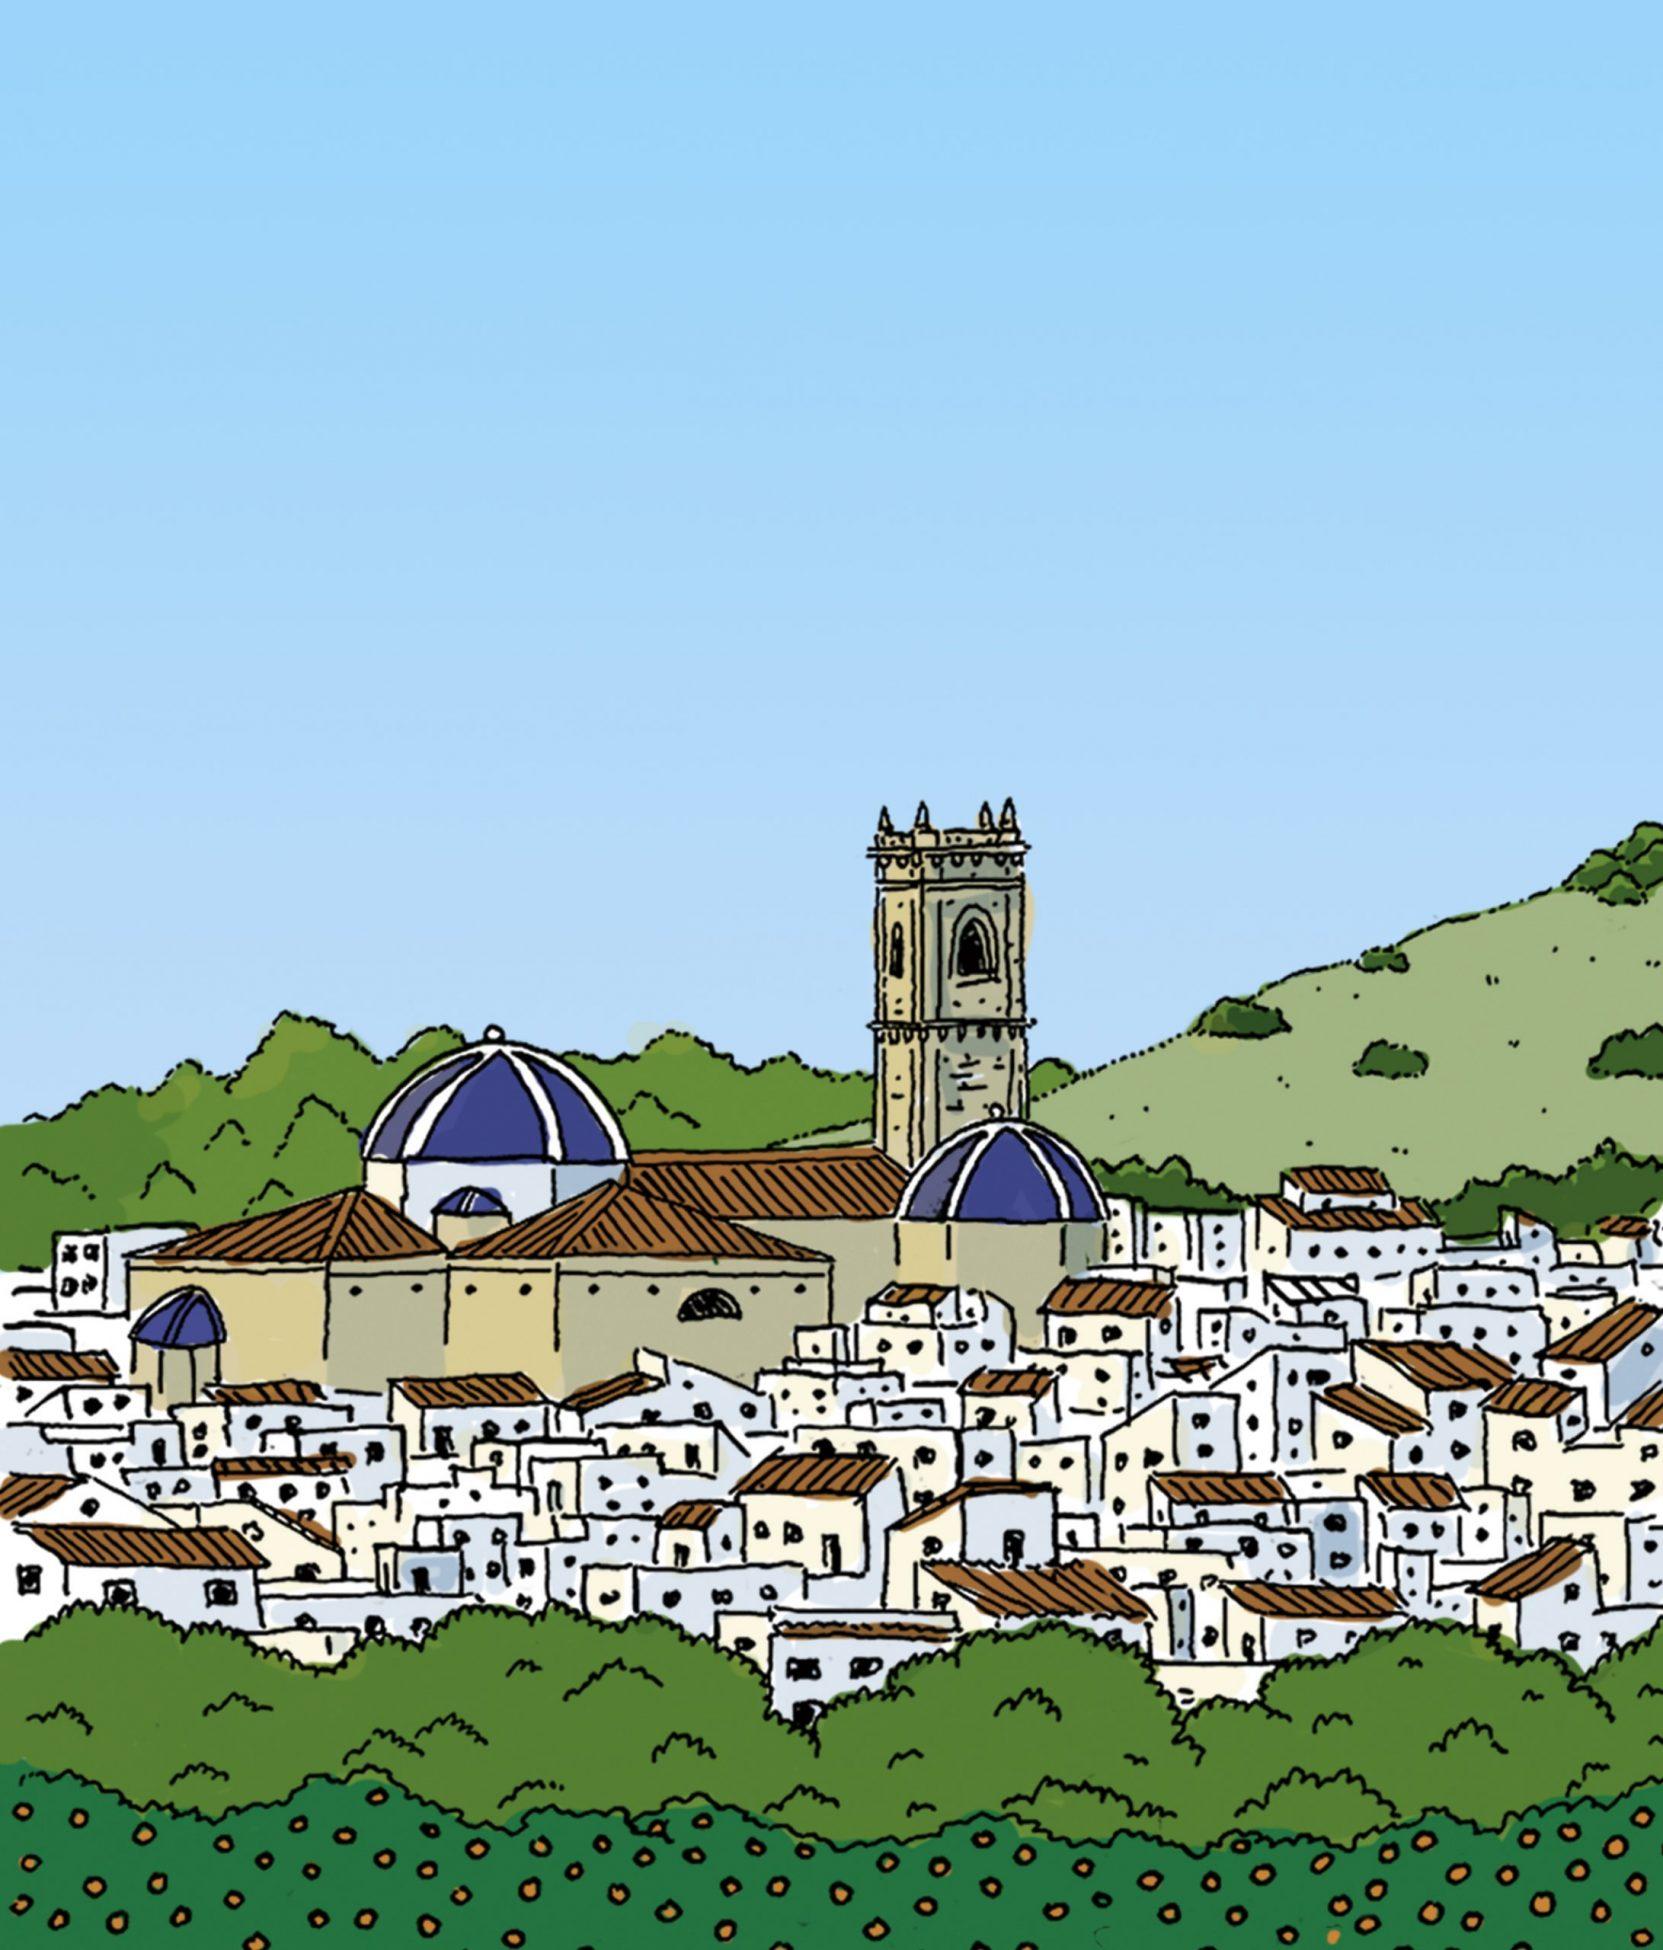 Ilustración con una vista del centro histórico del municipio de Oliva con la iglesia de san roque.